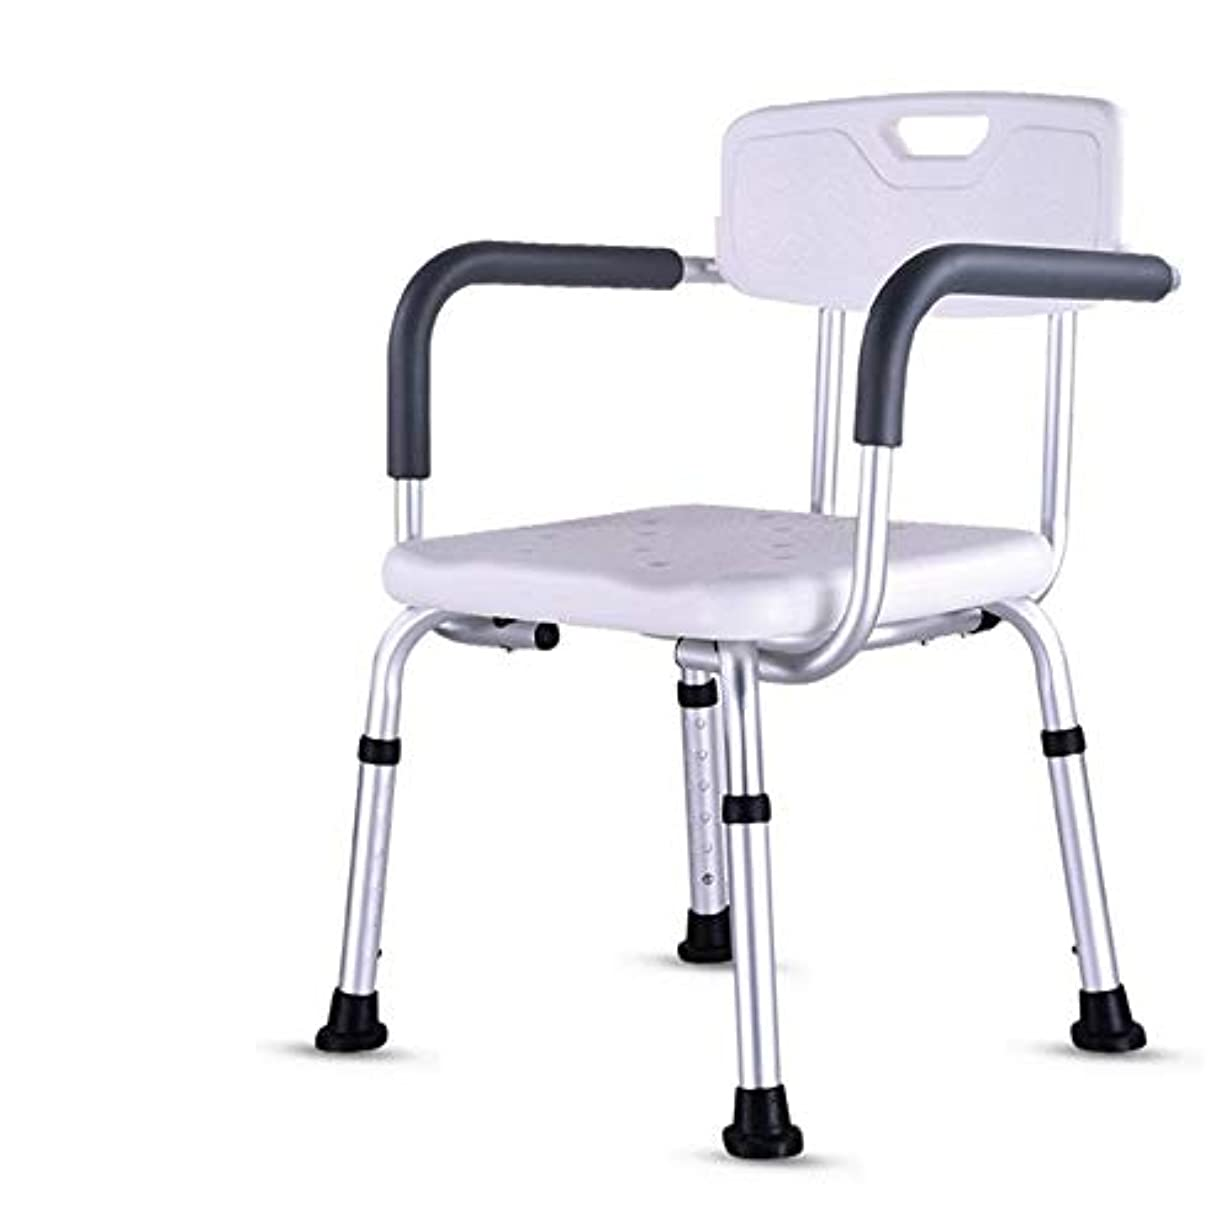 背もたれ付き軽量折りたたみウェットバスルームシャワーシートチェア-高さ調節可能